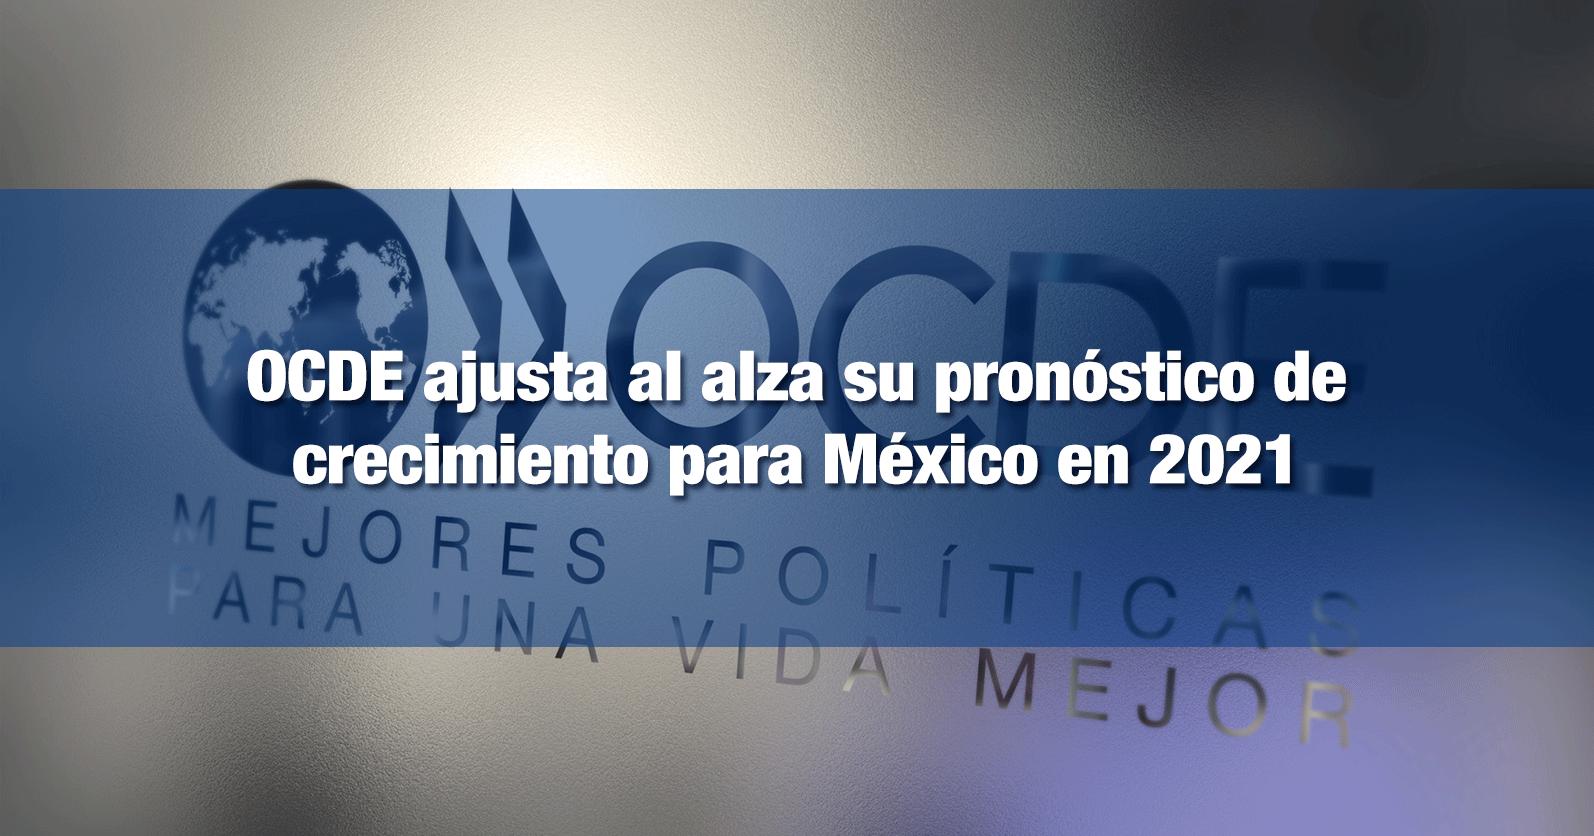 OCDE ajusta al alza su pronóstico de crecimiento para México en 2021